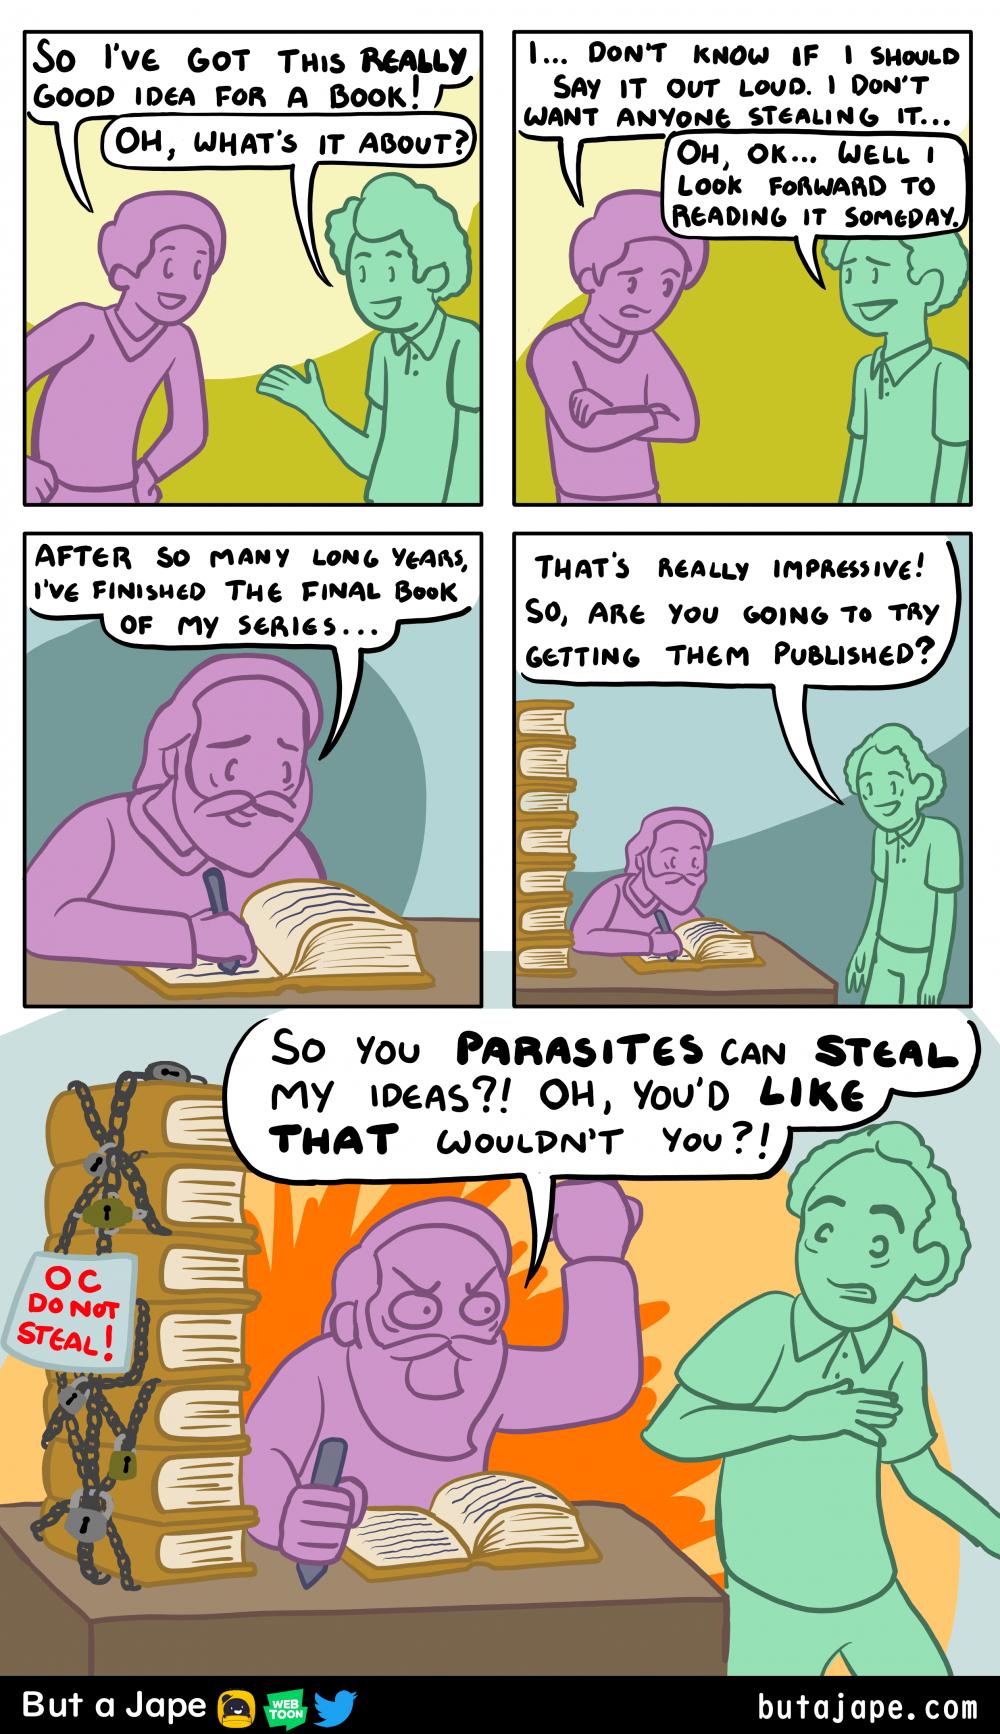 your original idea comic